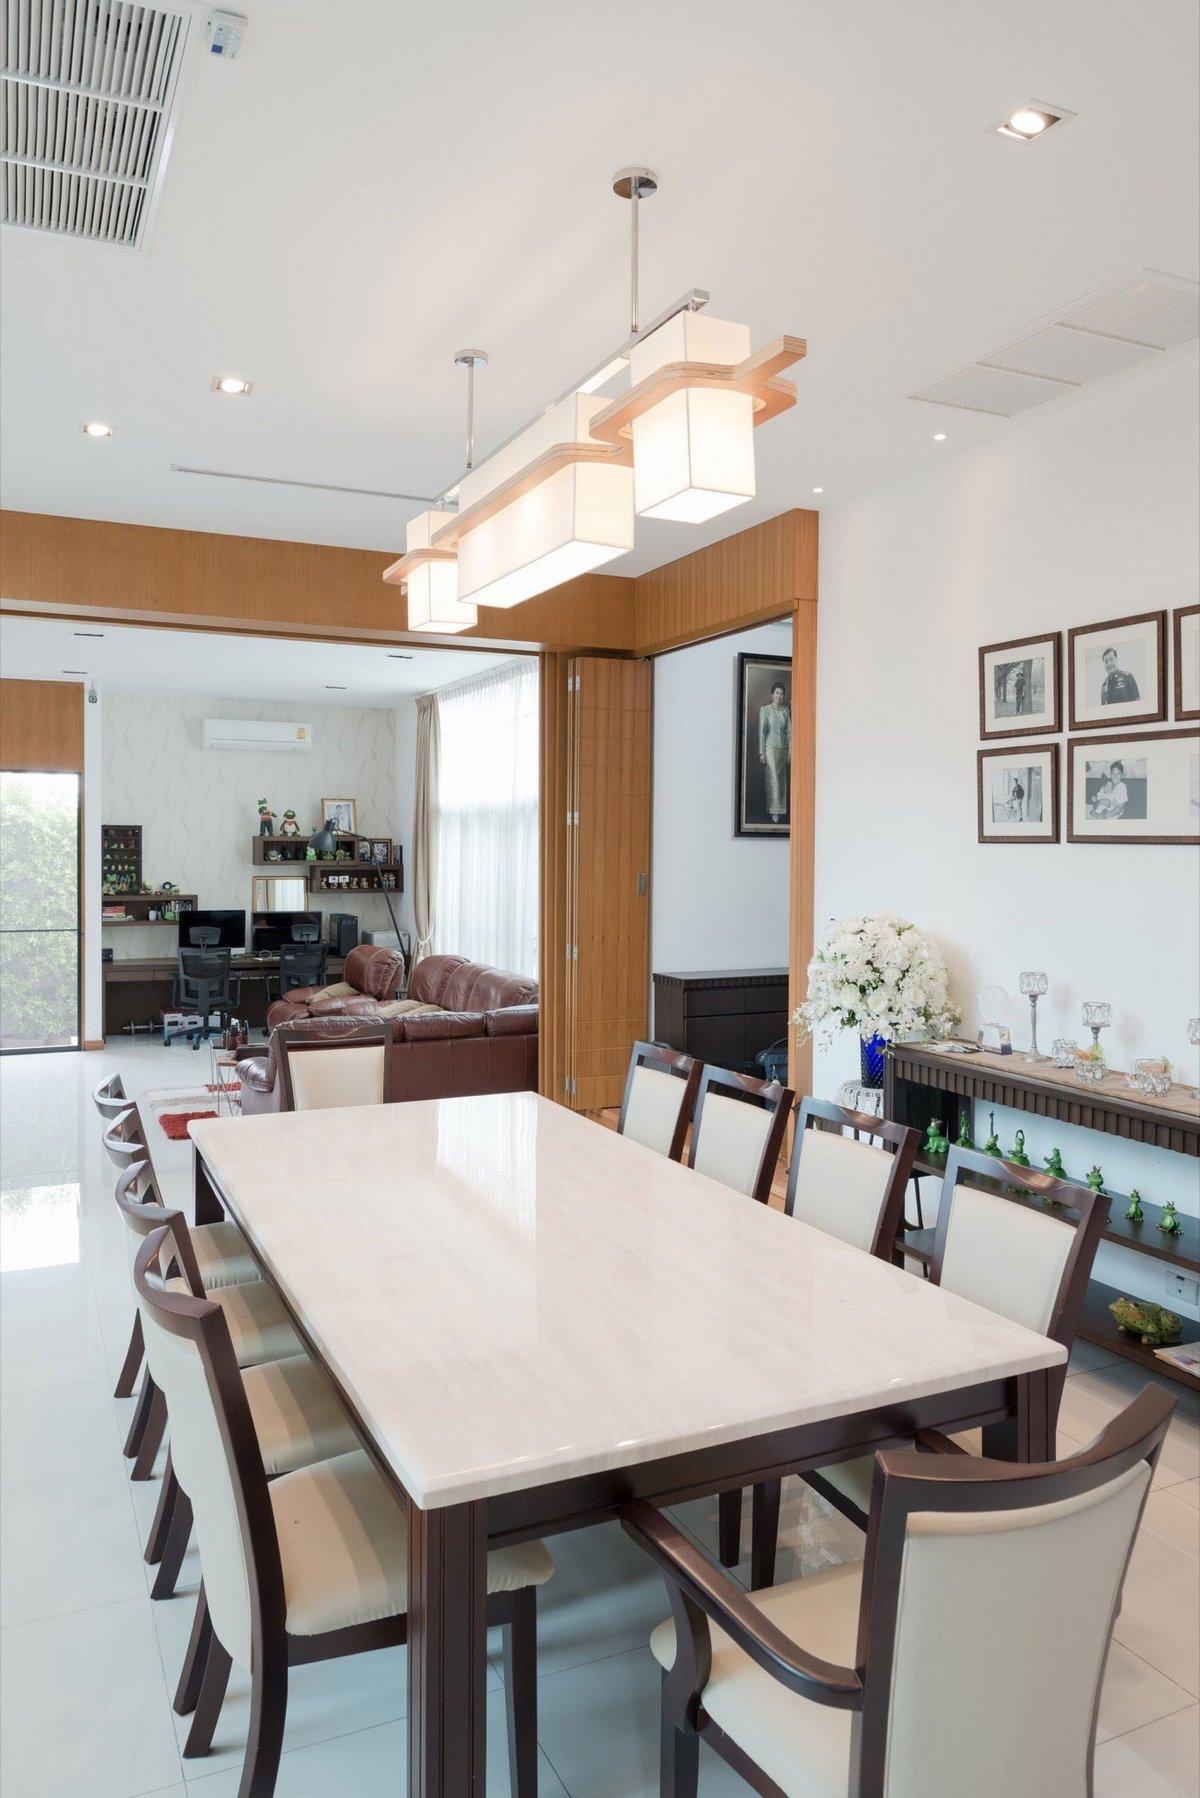 Обеденный стол в частном доме